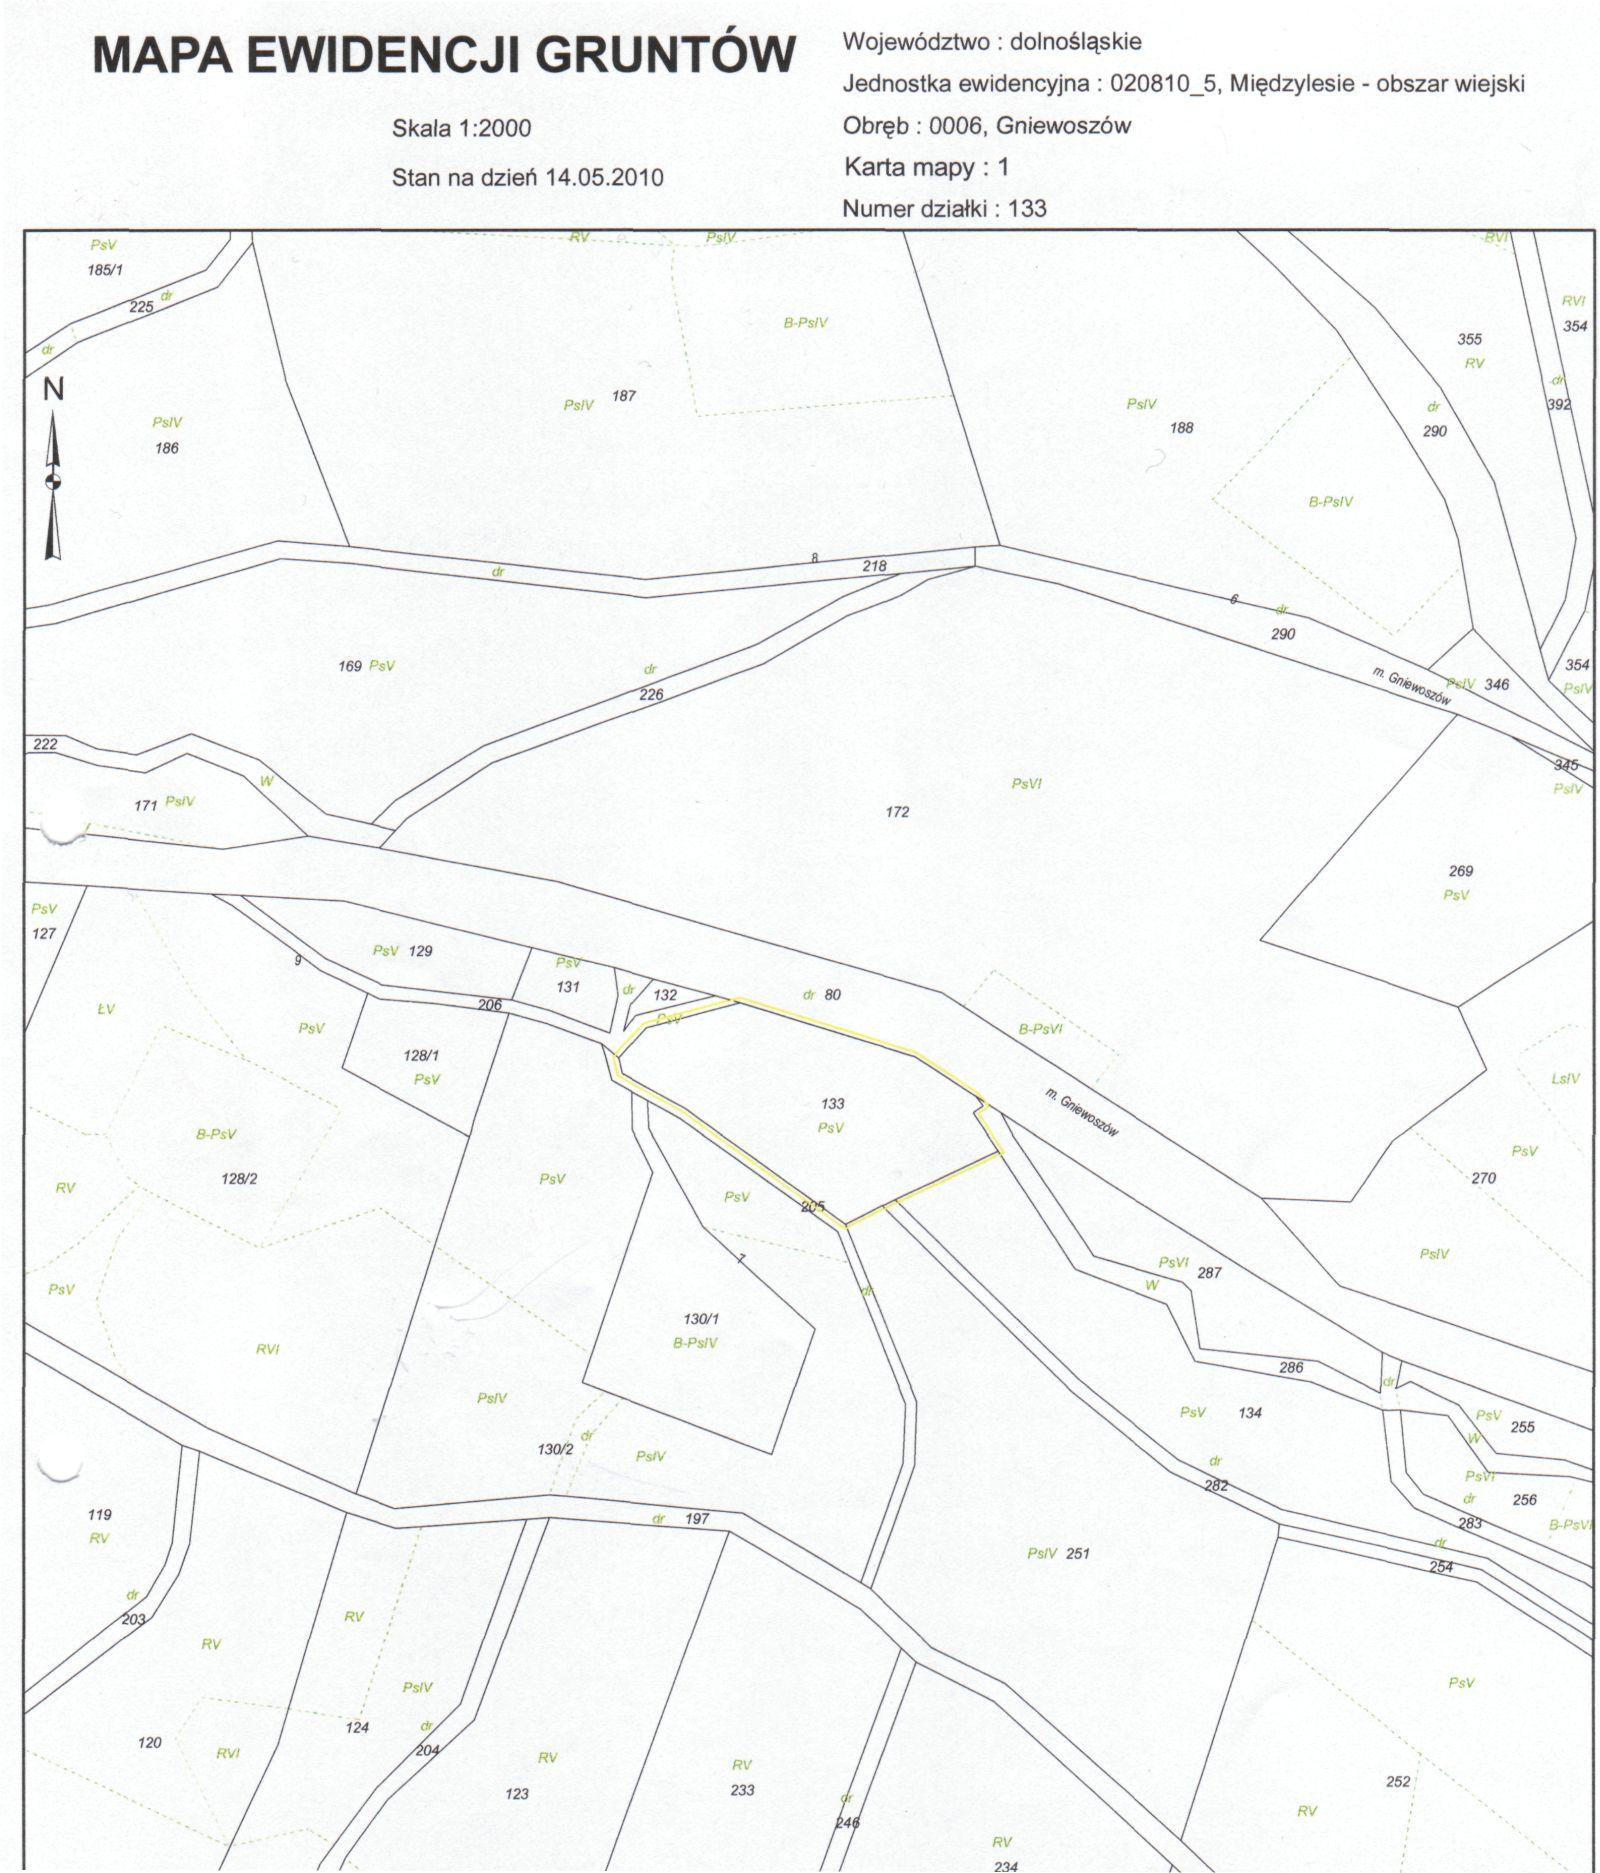 mapa Gniewoszów dz. 133.jpeg